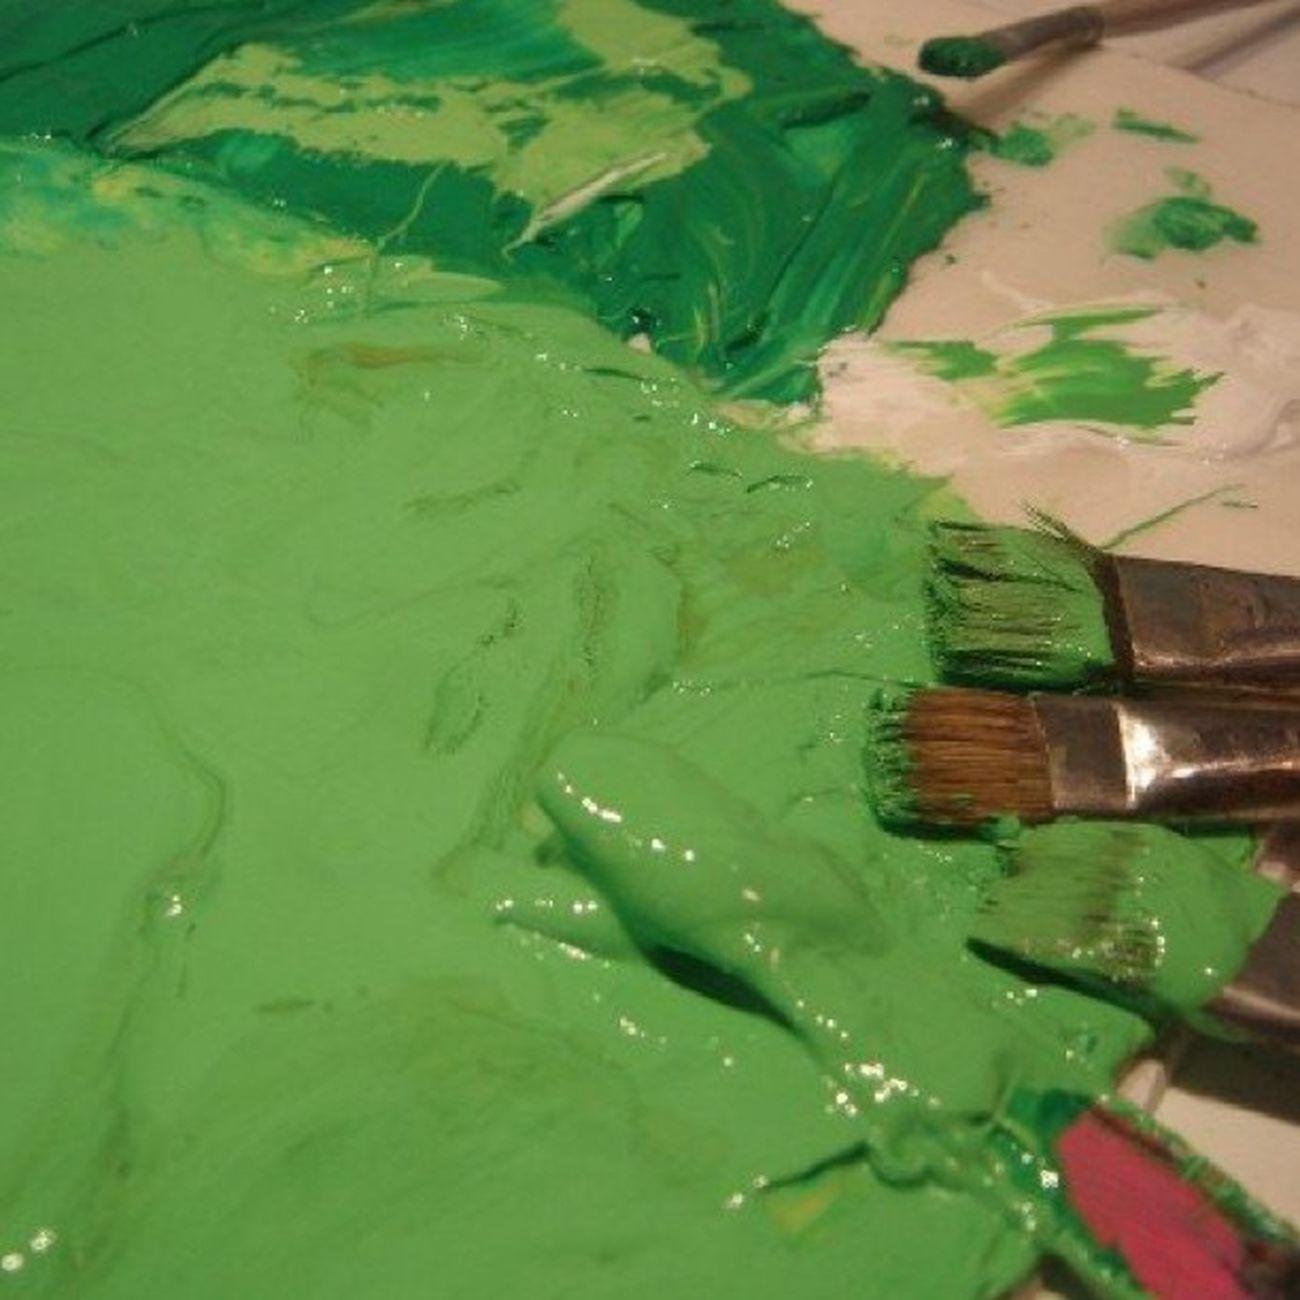 Estamos buscando el verde perfecto....yo creo que casi lo tenemos. Sinfiltros